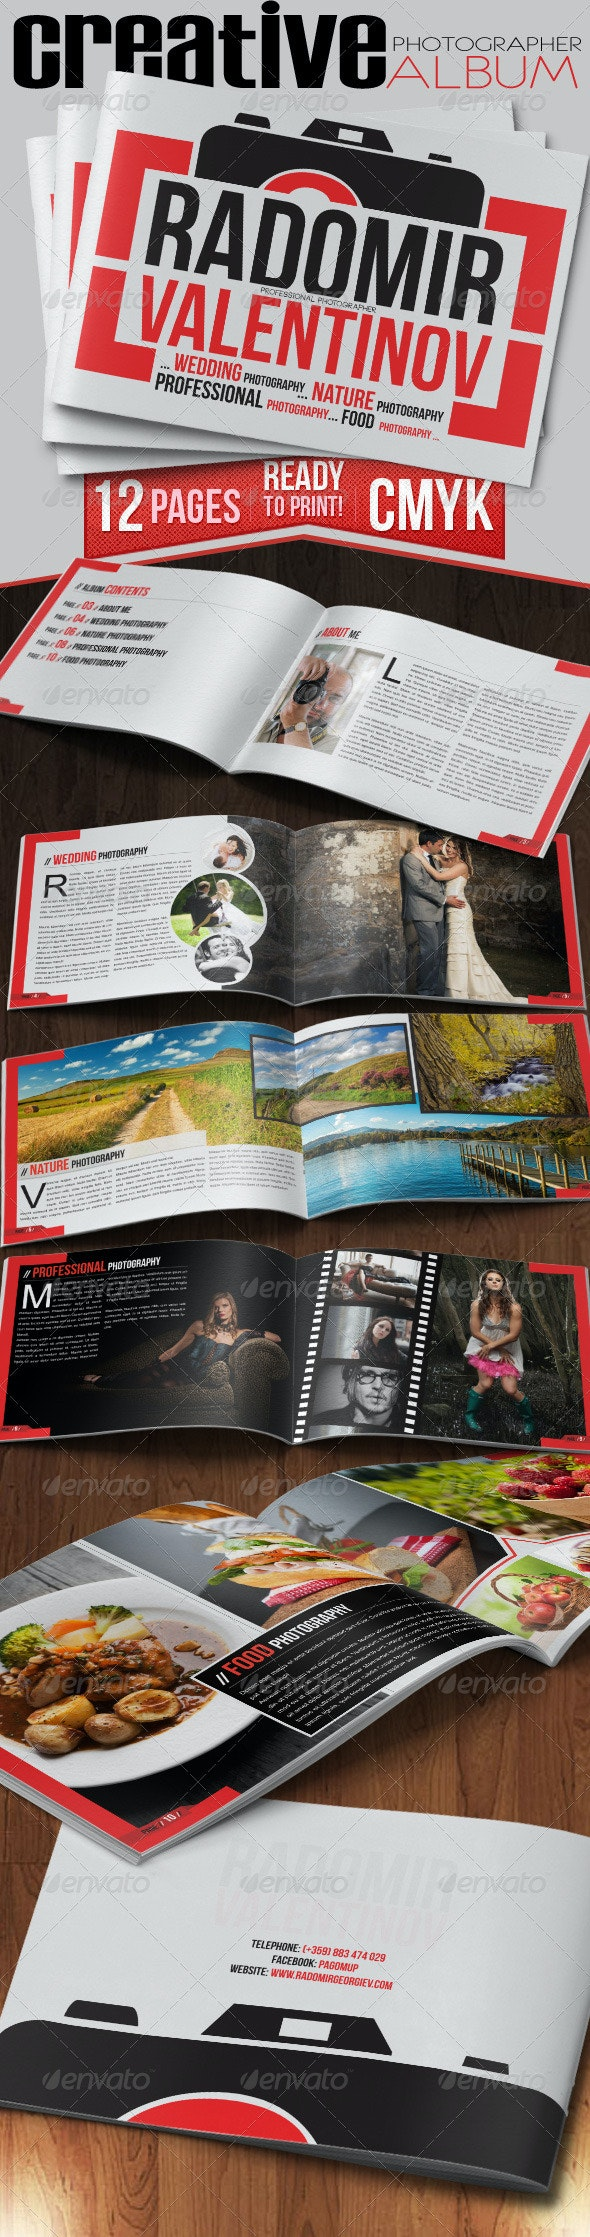 Creative Photographer Photo Album